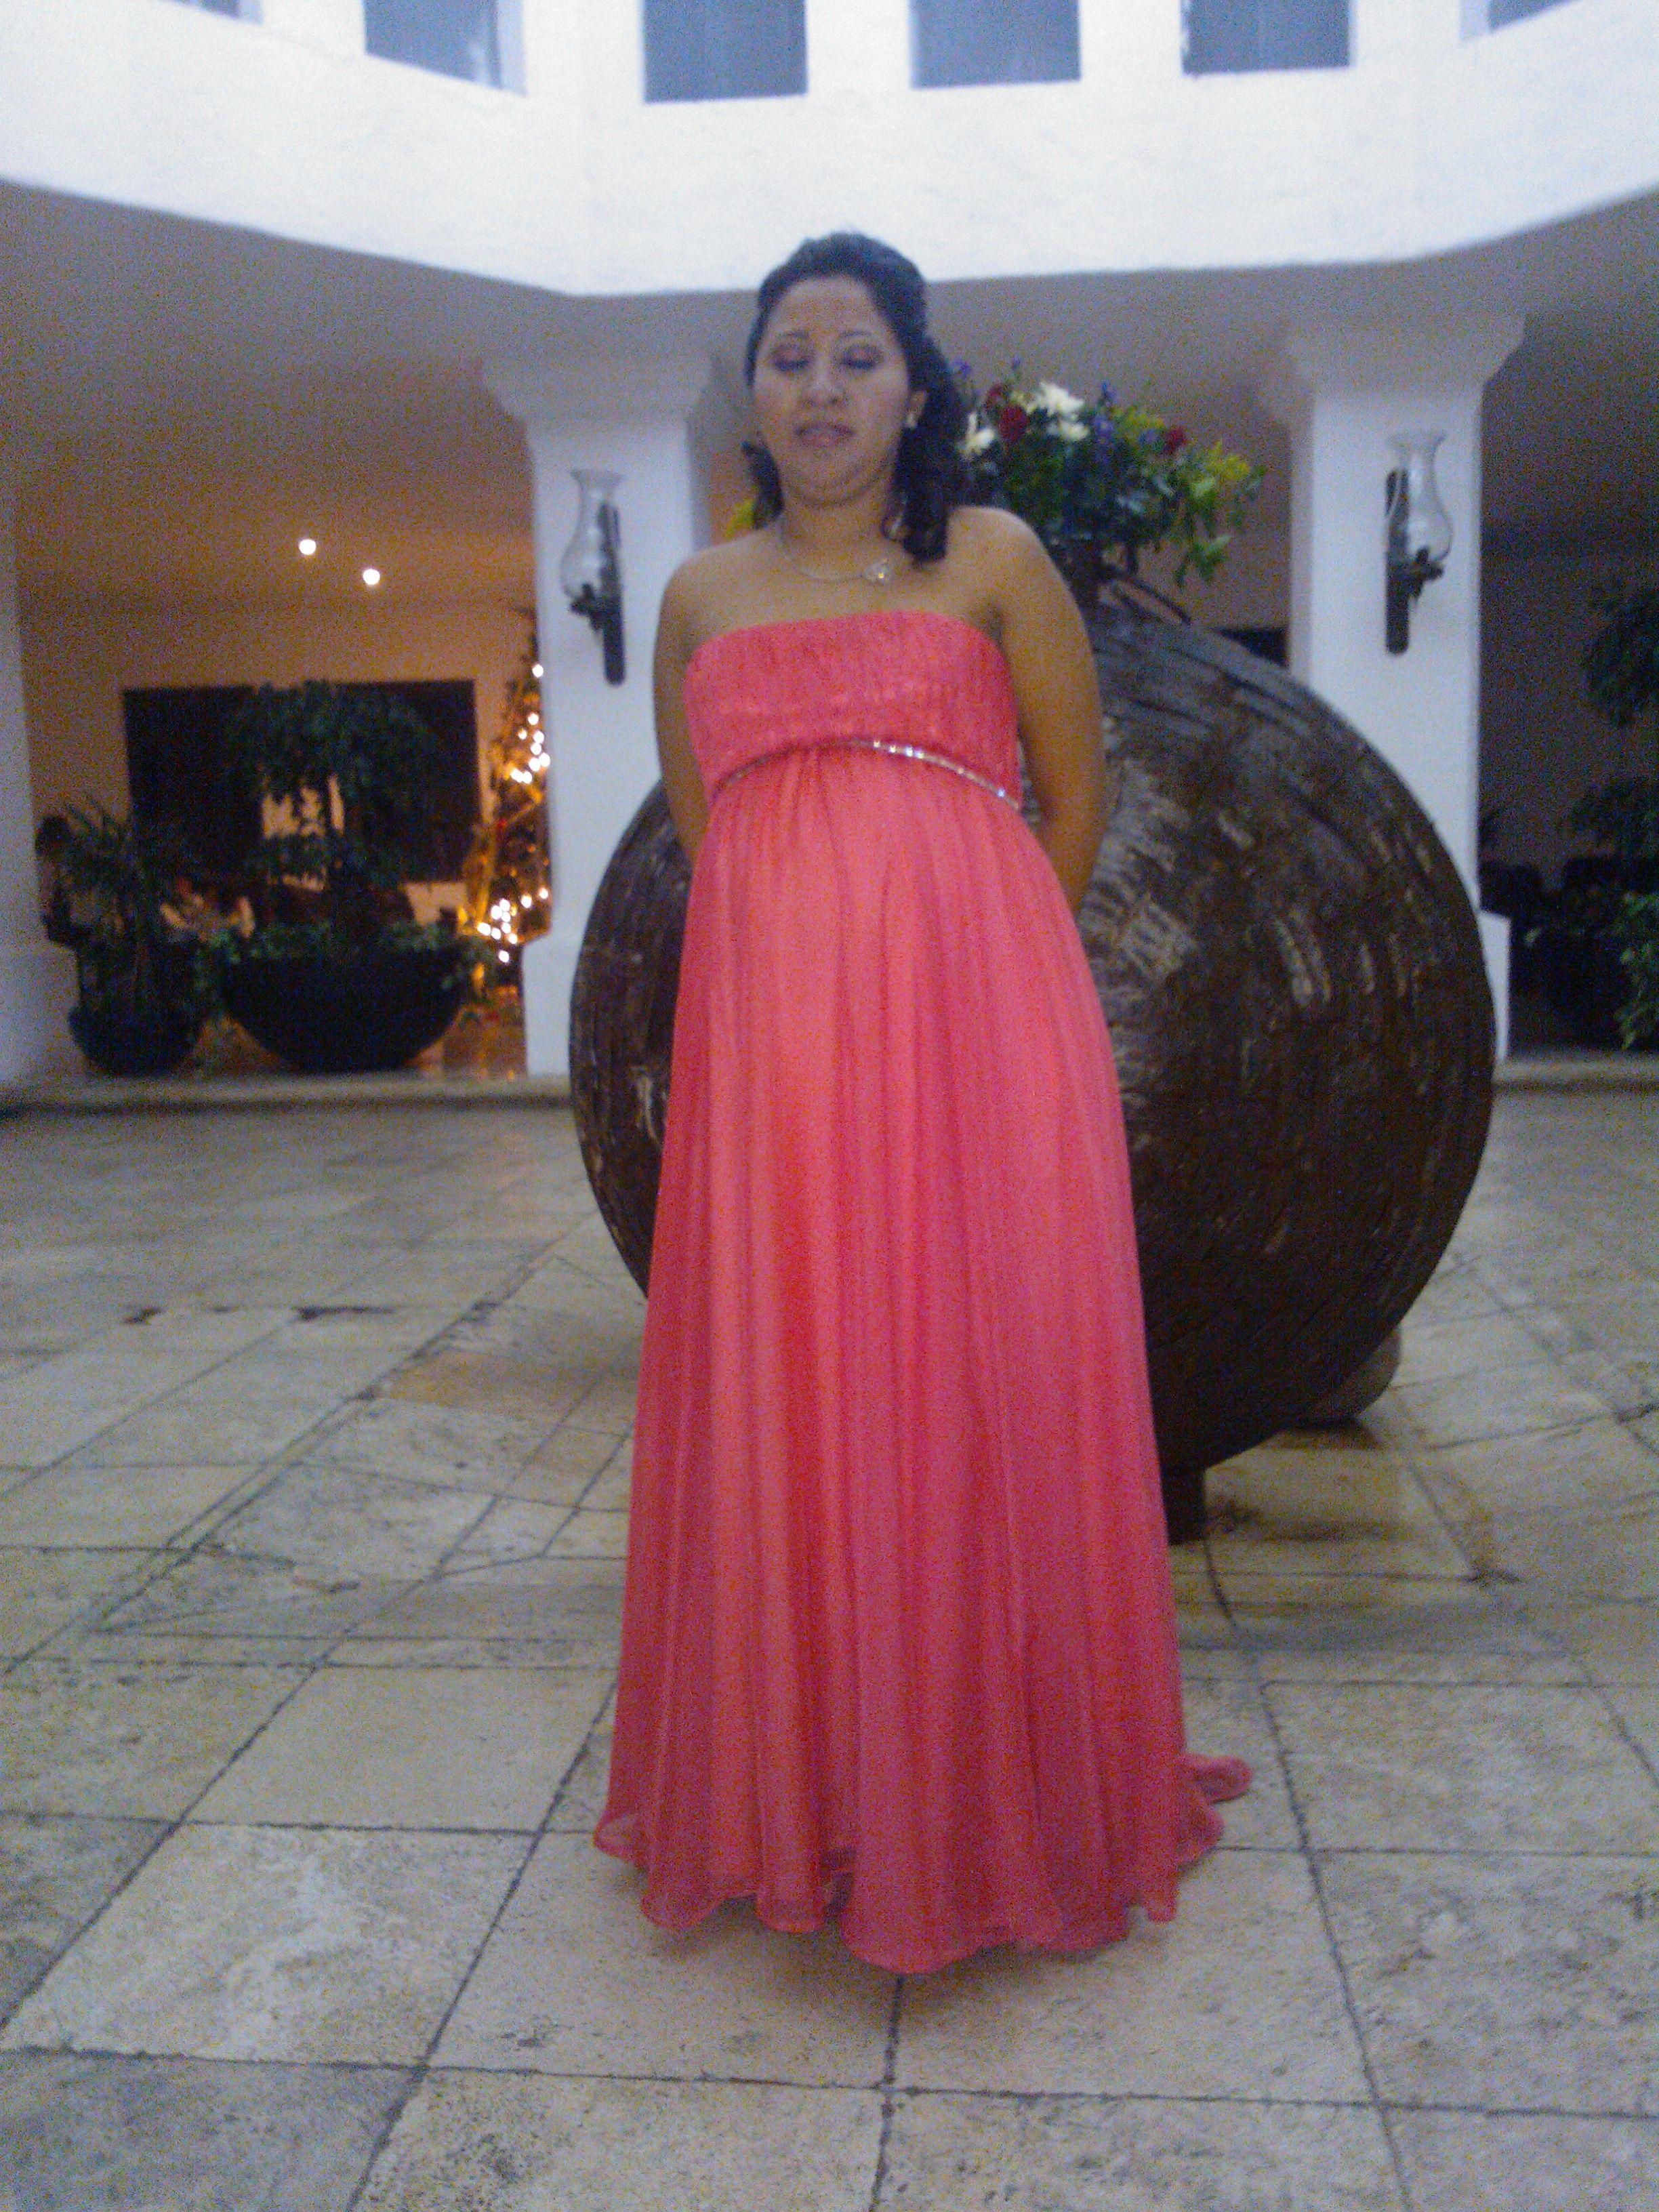 Vestido coral con falda circular y escote strapless. Ojo mi amiga ...